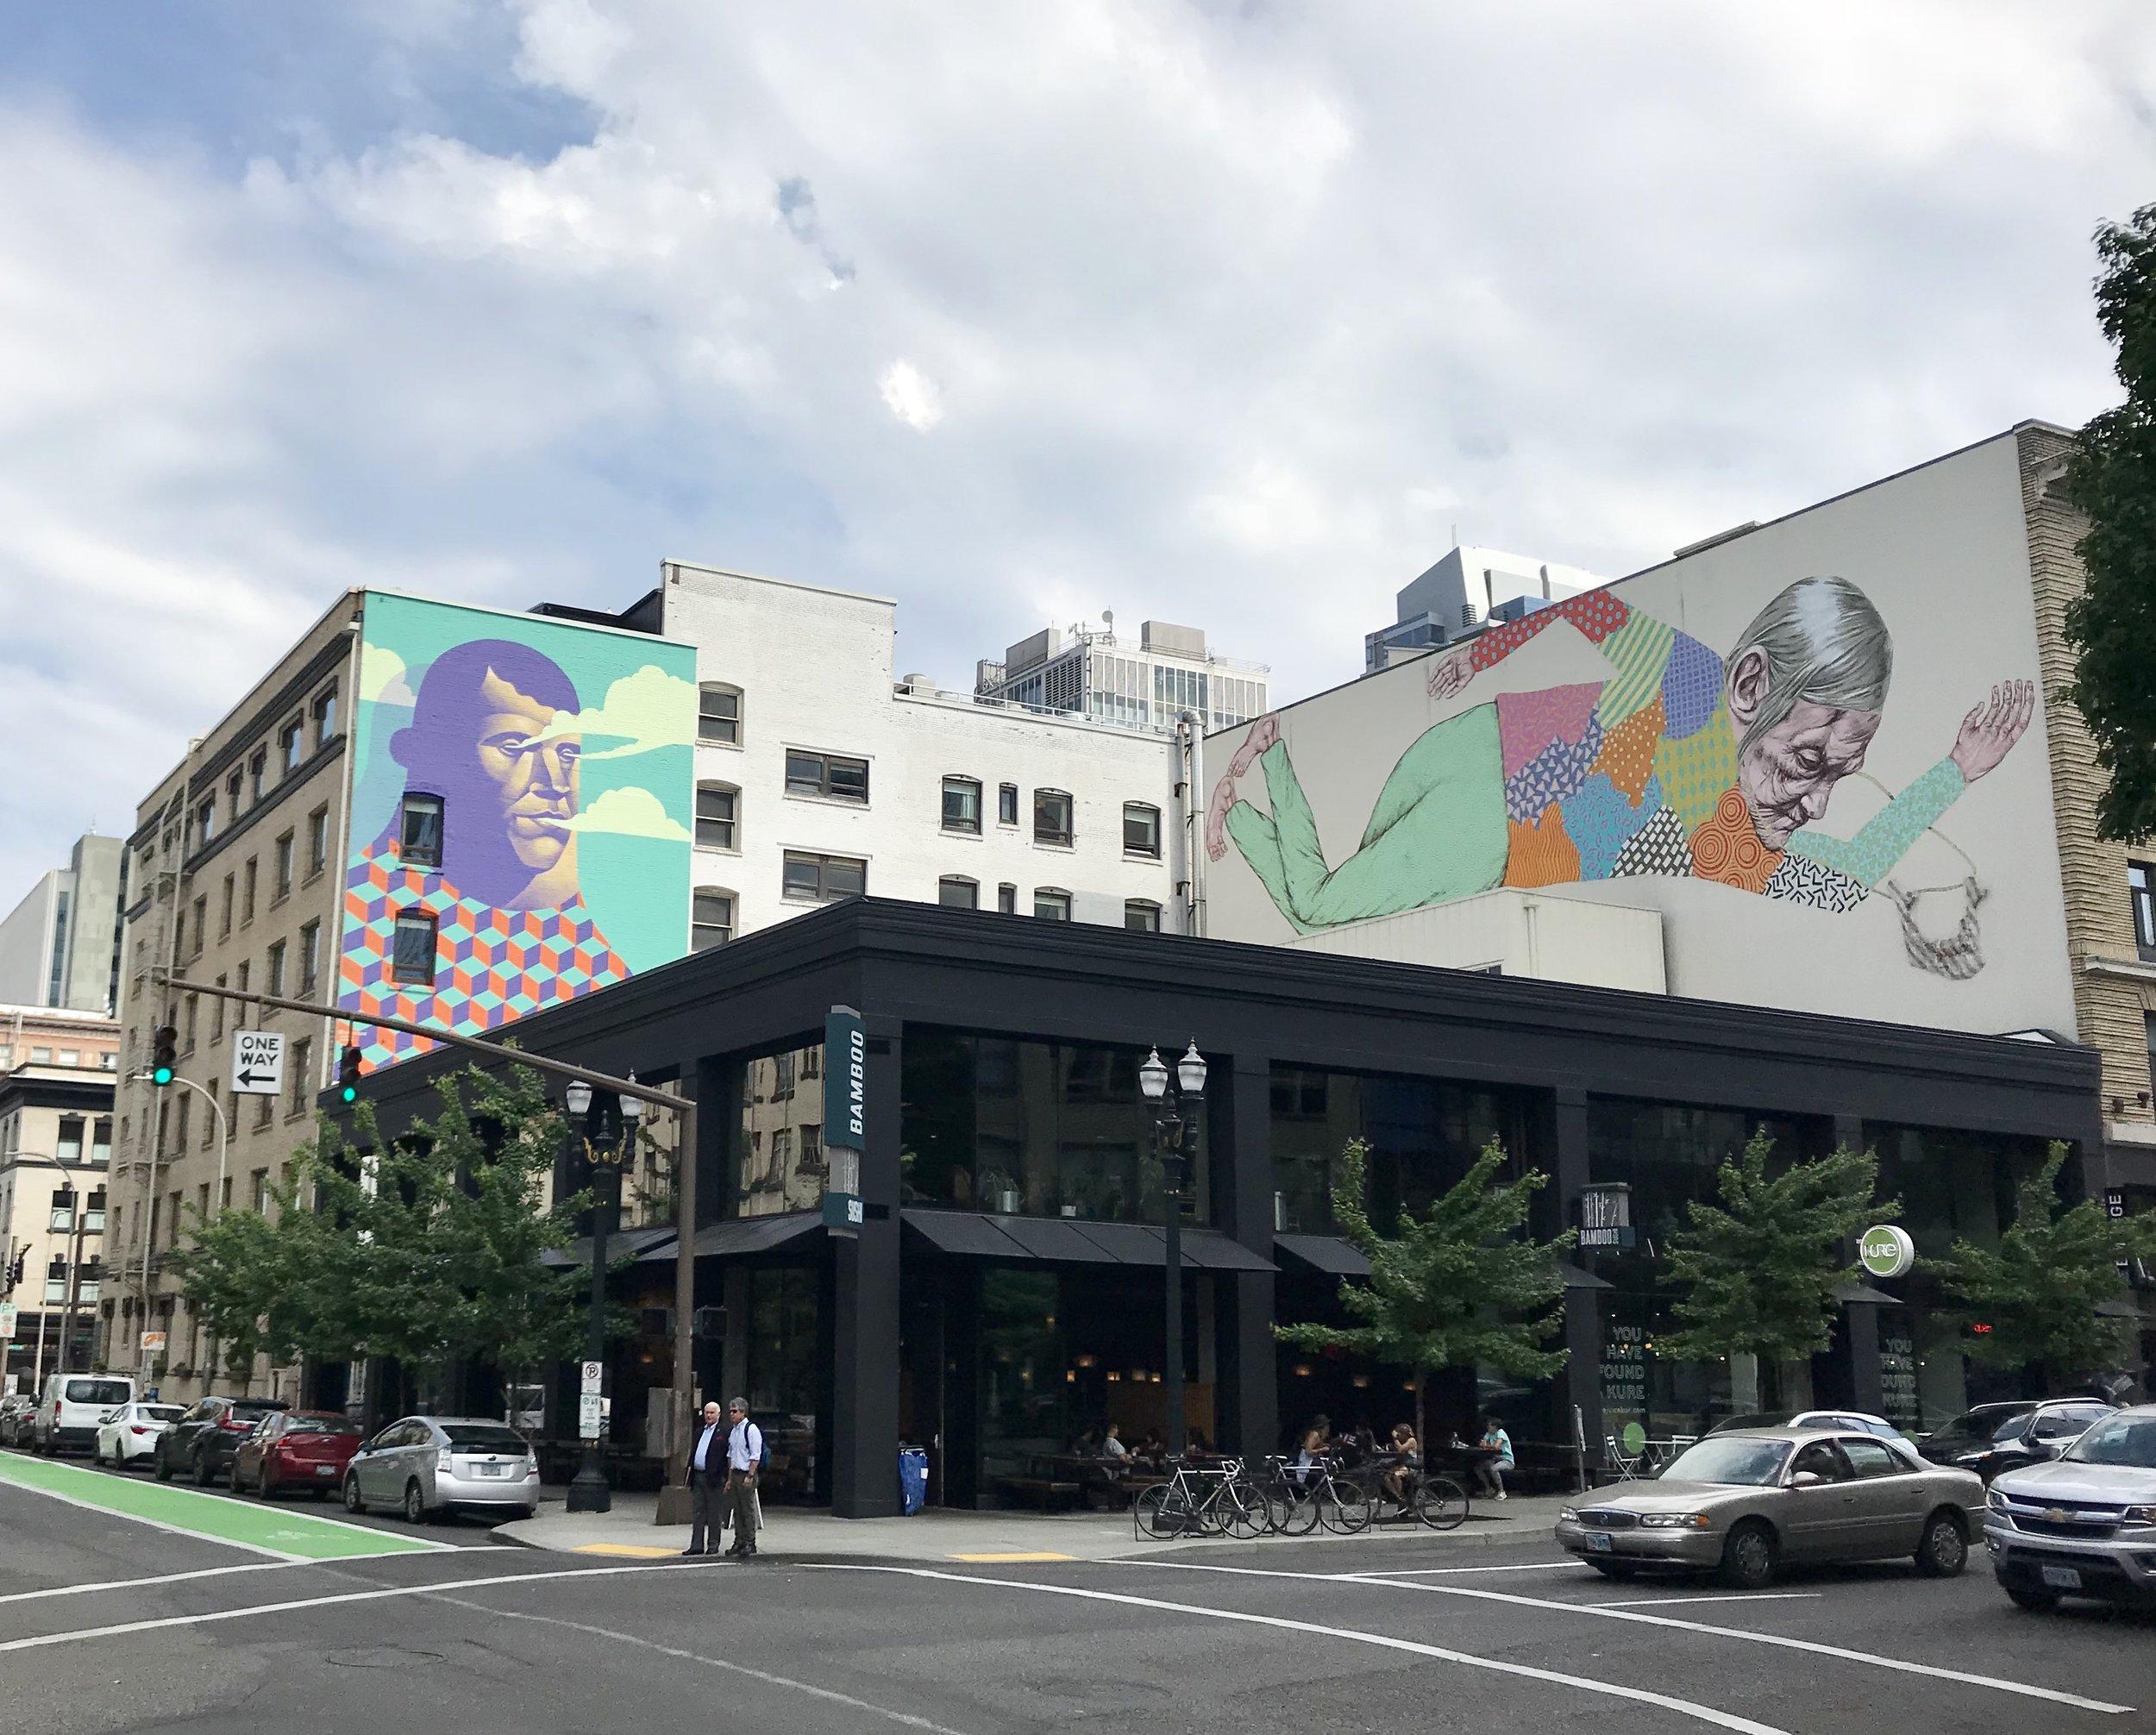 Burnside murals